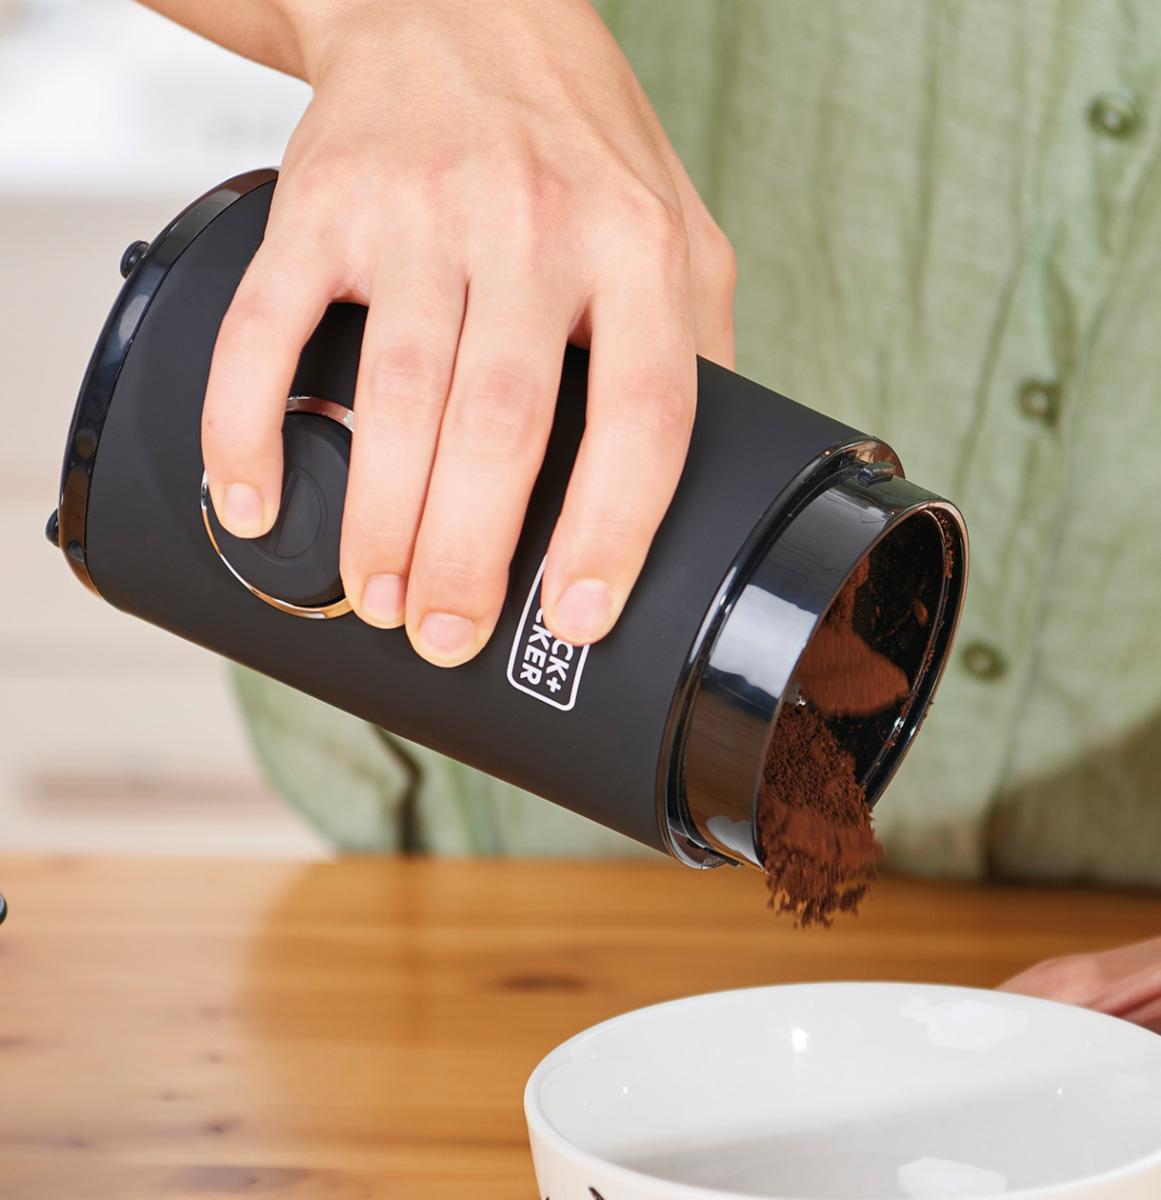 Bild 5 von Black+Decker Kaffeemühle BXCG150E